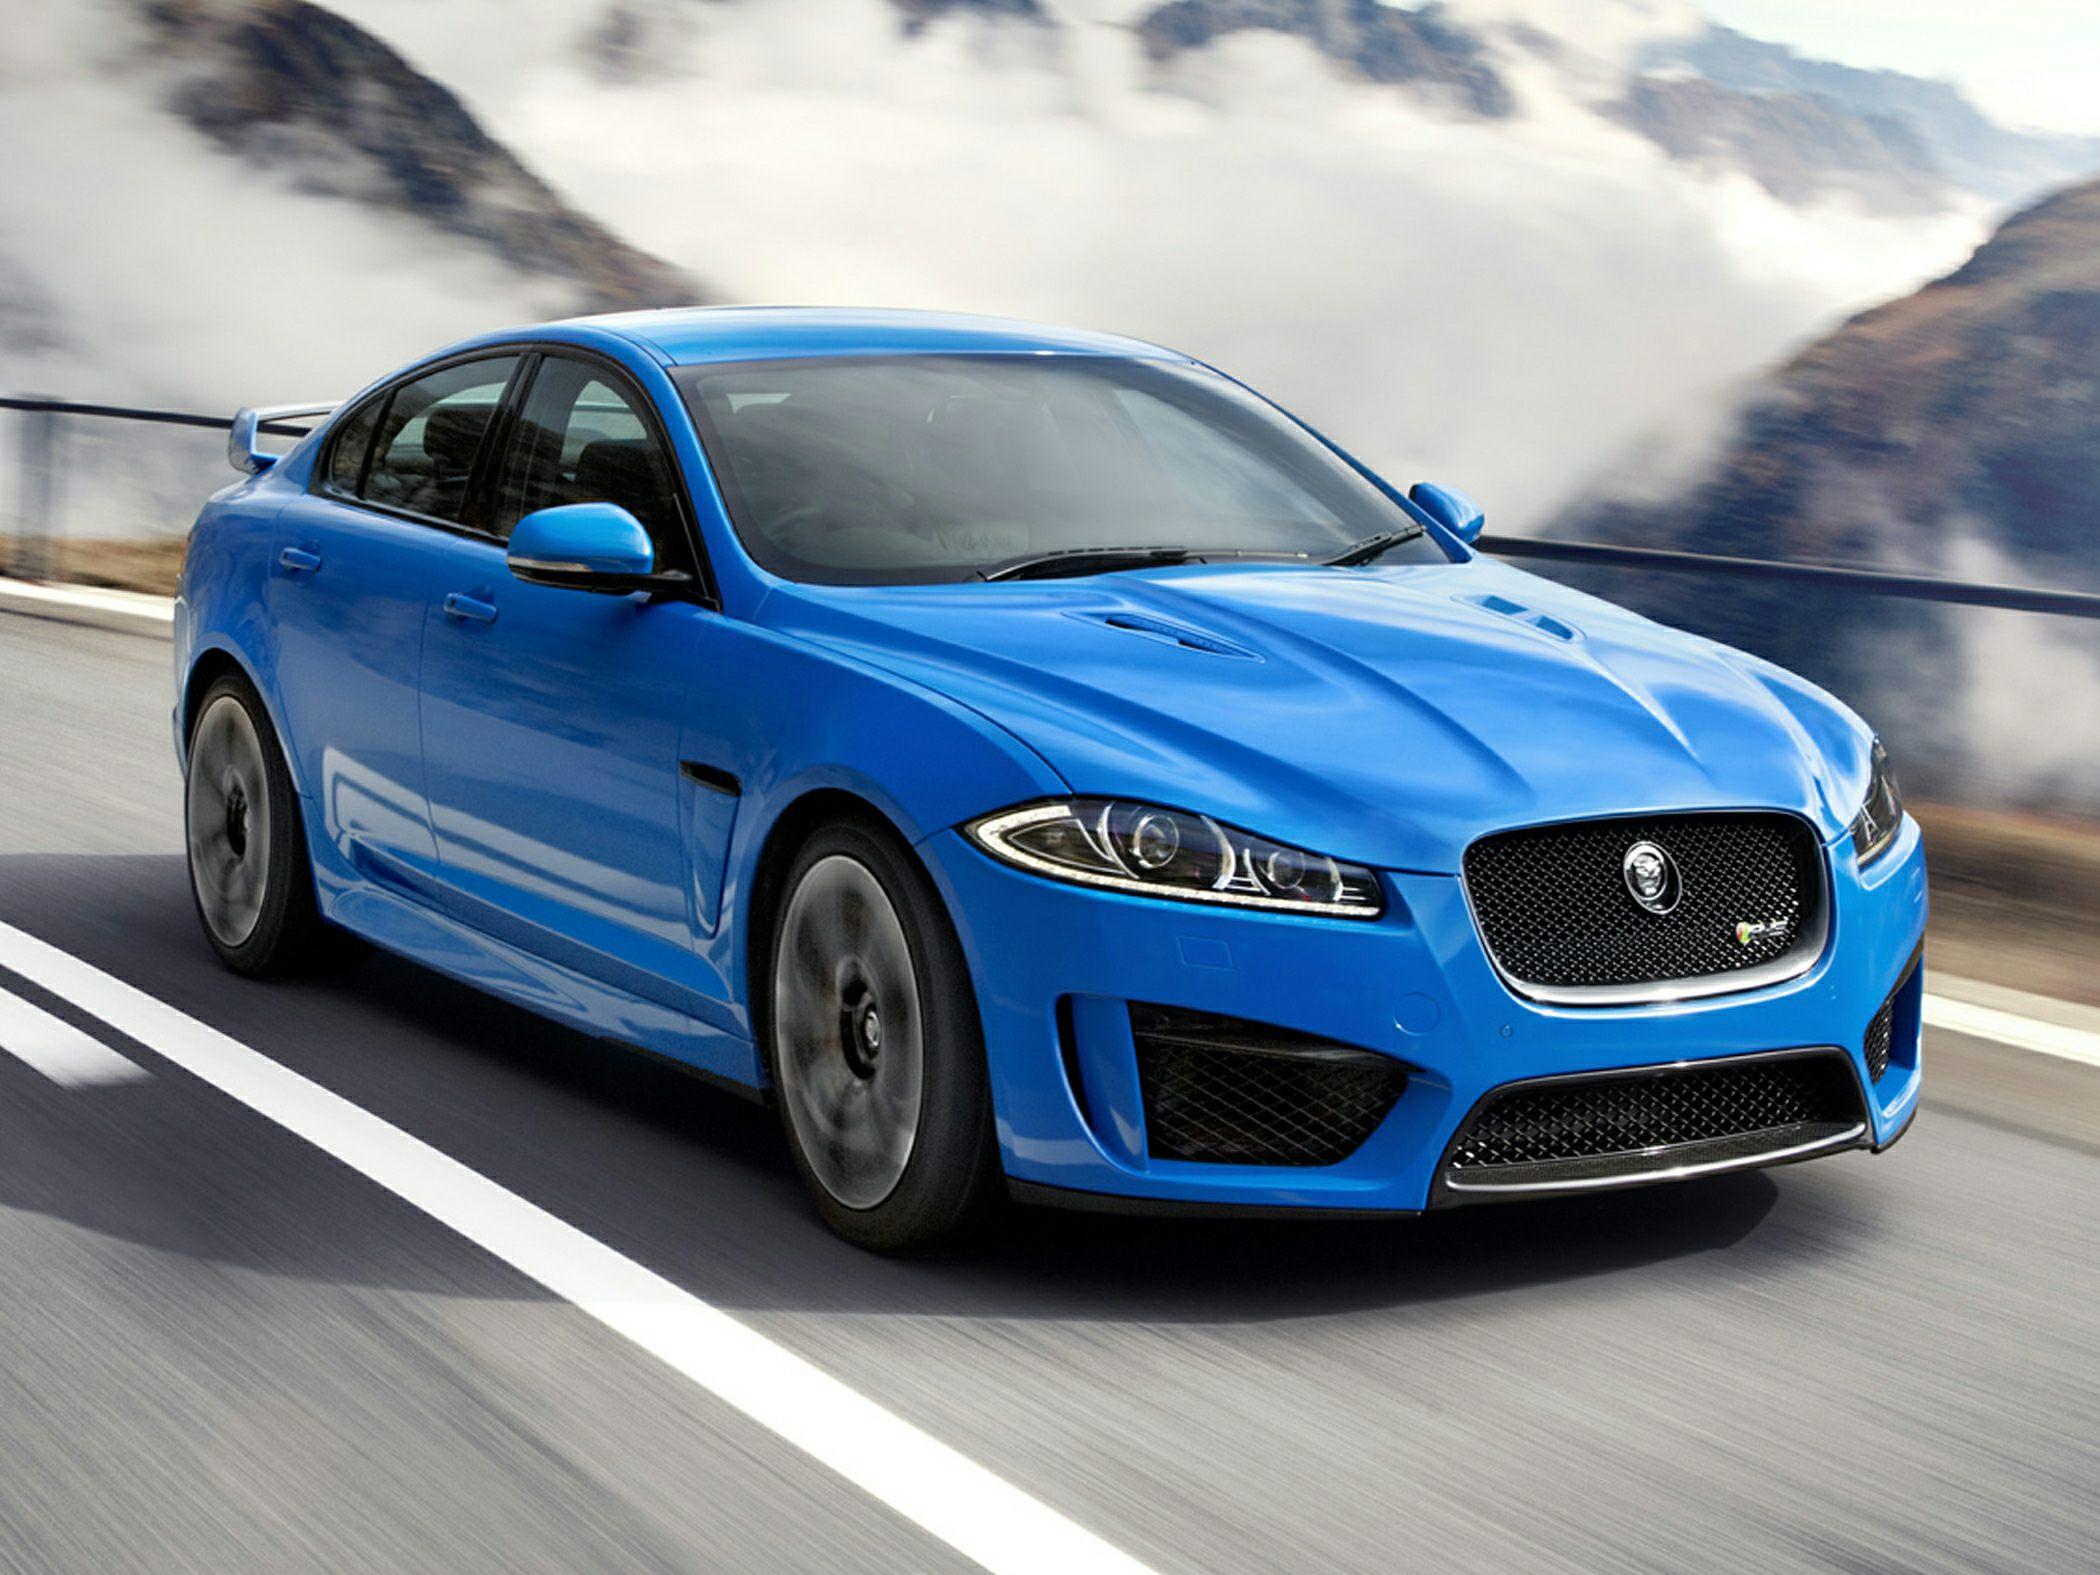 2014 Jaguar XF Glam